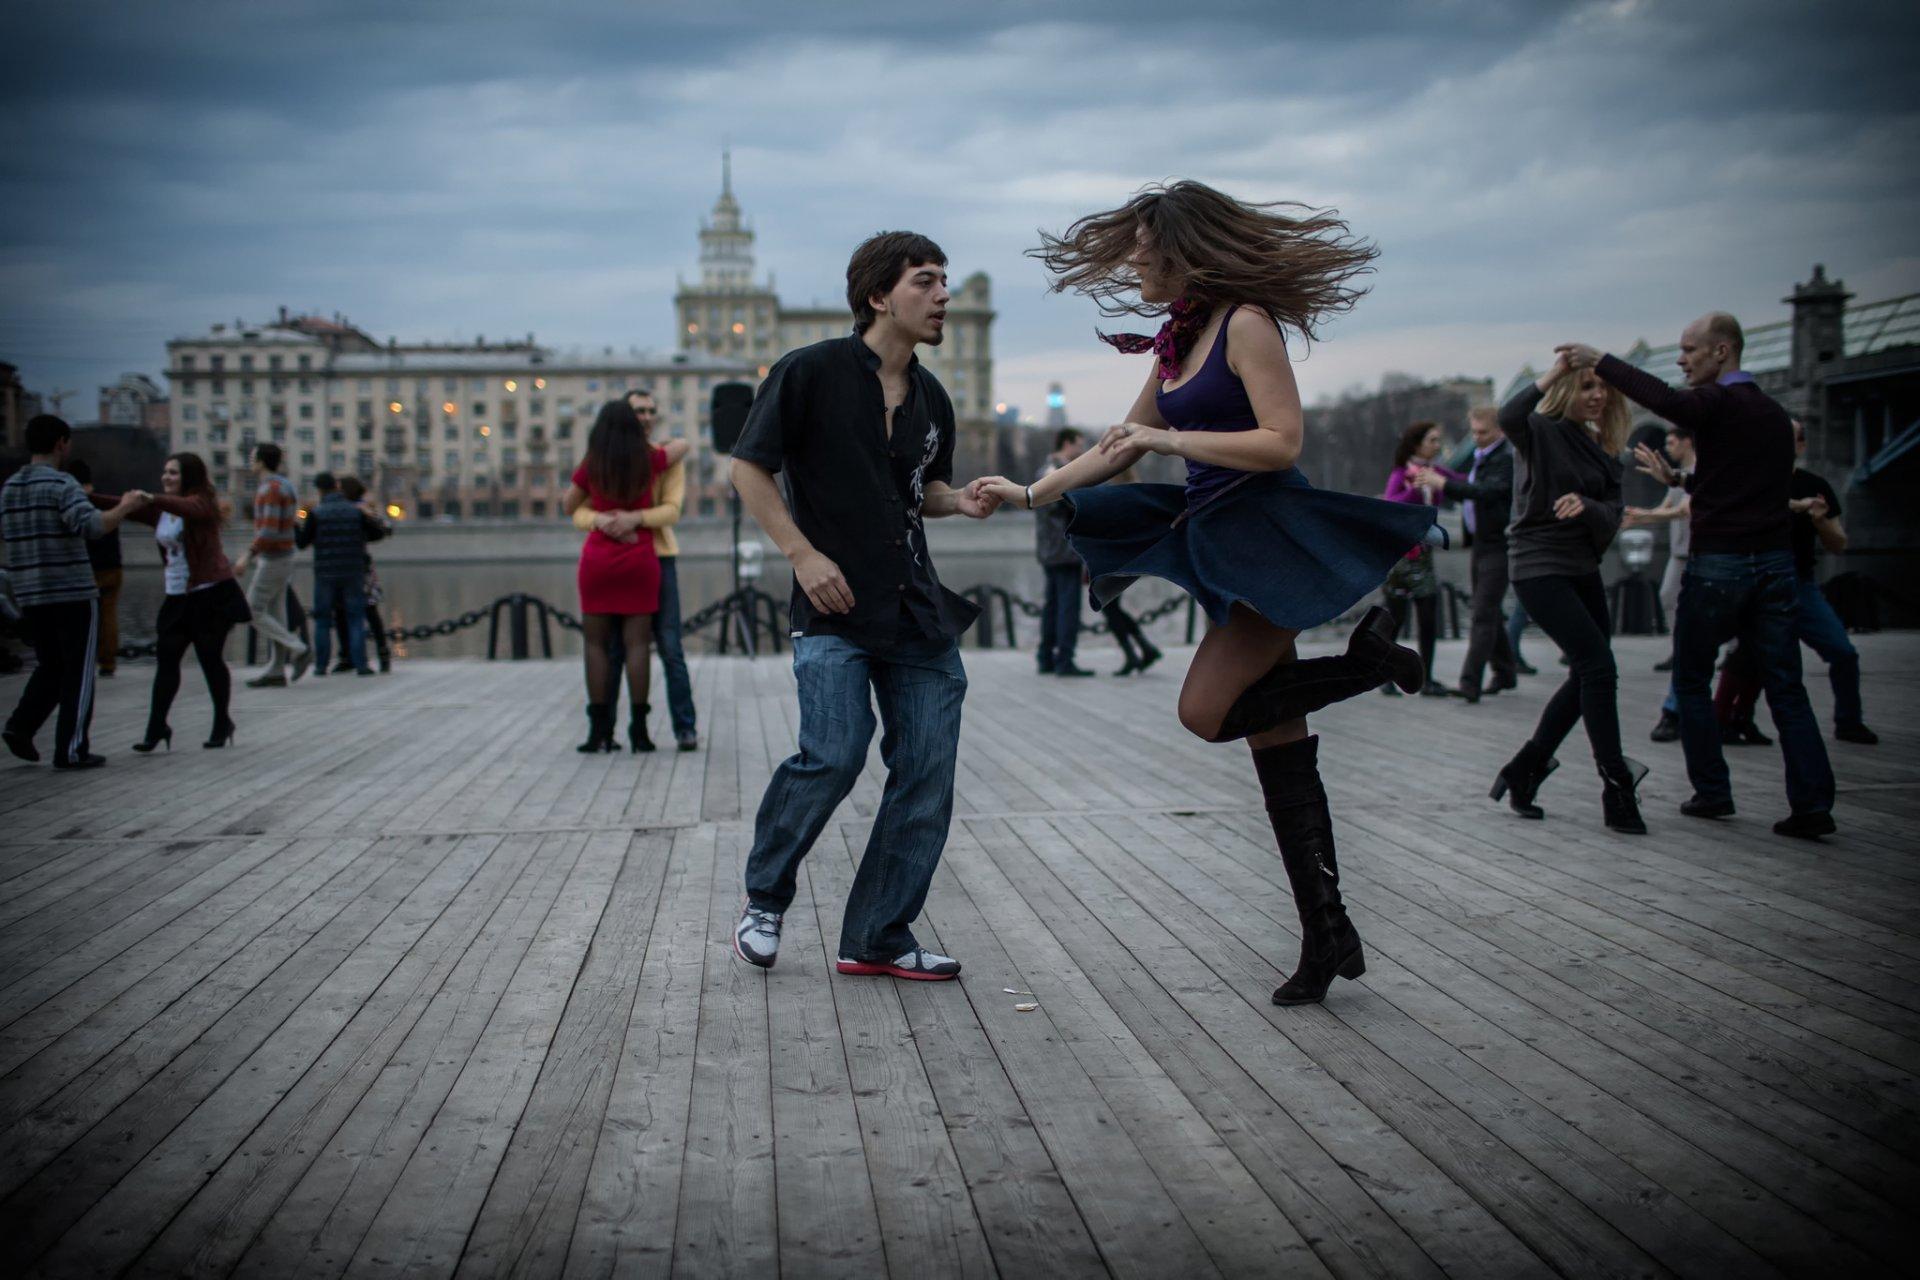 Картинки танцующих пар на красивых европейских улицах, днем